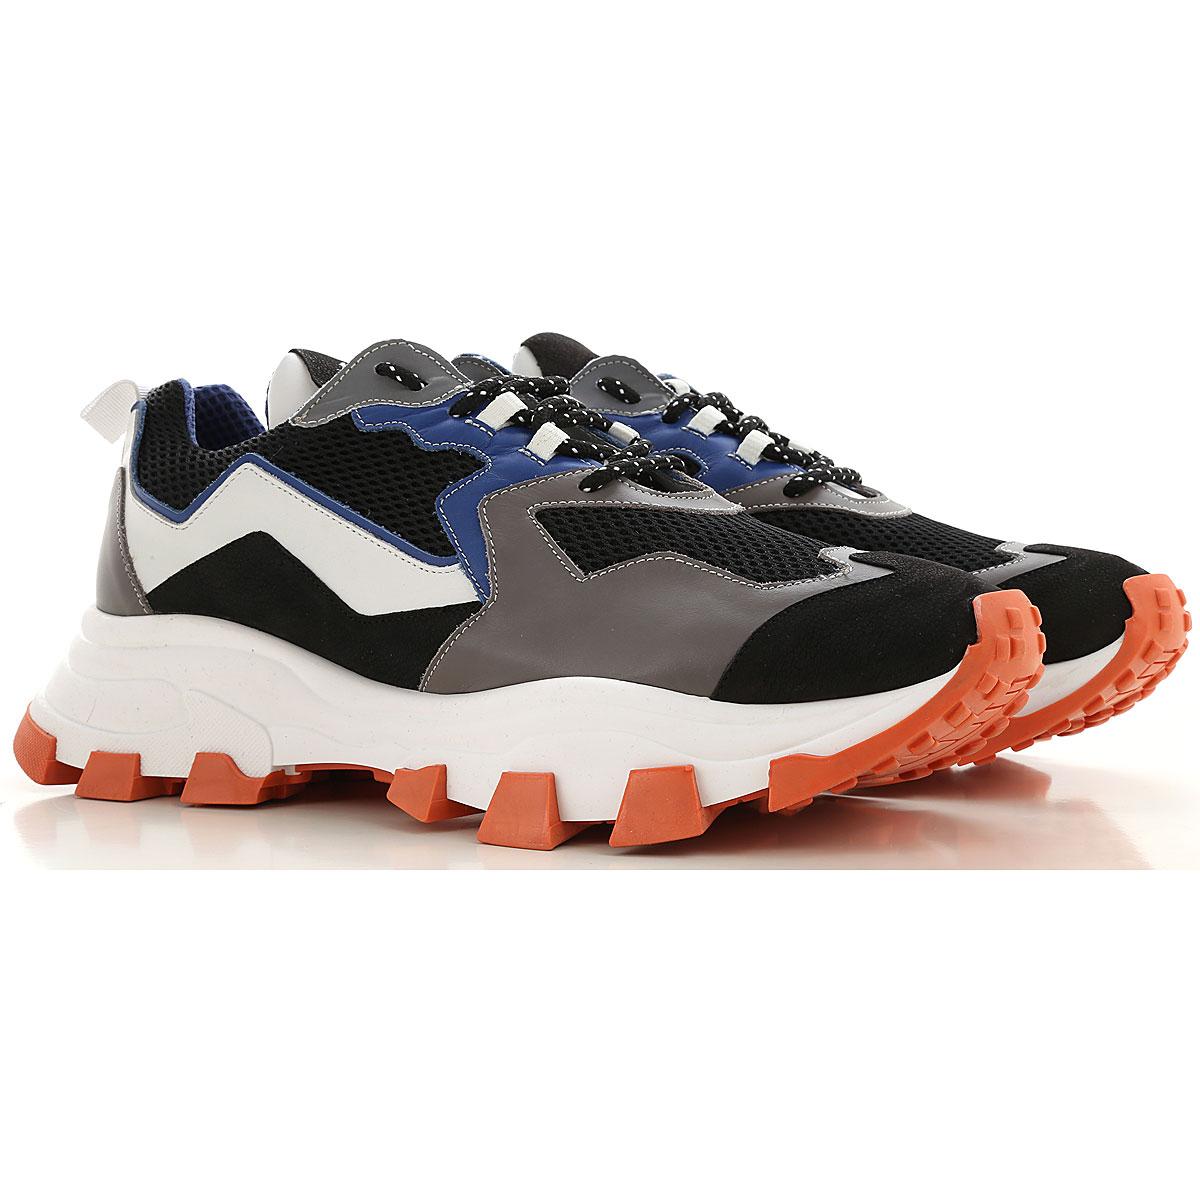 Cinzia Araia Sneaker Homme, Noir, Cuir, 2017, 42 43 44 45